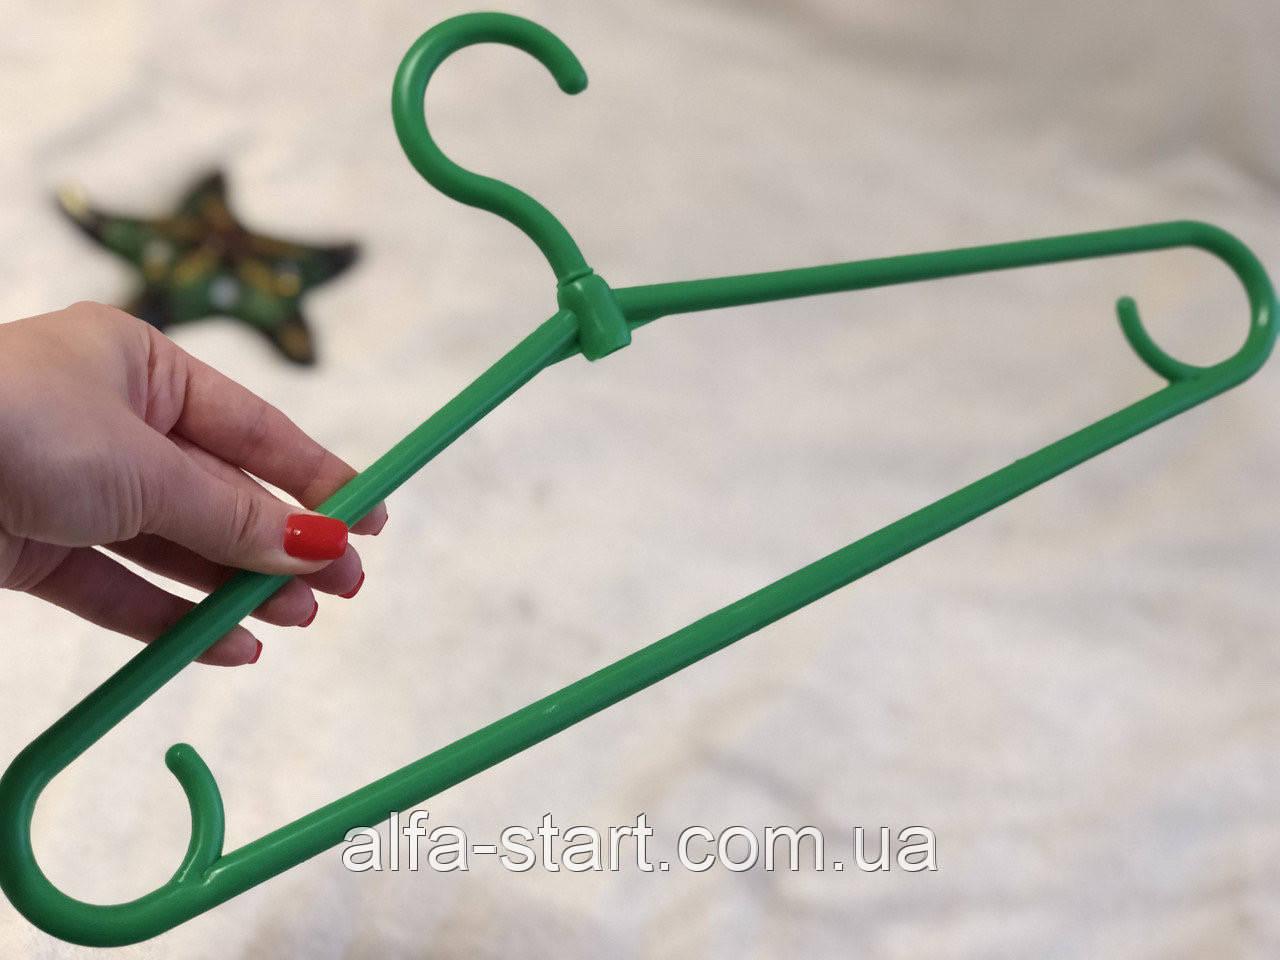 Зеленые пластмассовые плечики вешалки 41см зимние для верхней одежды